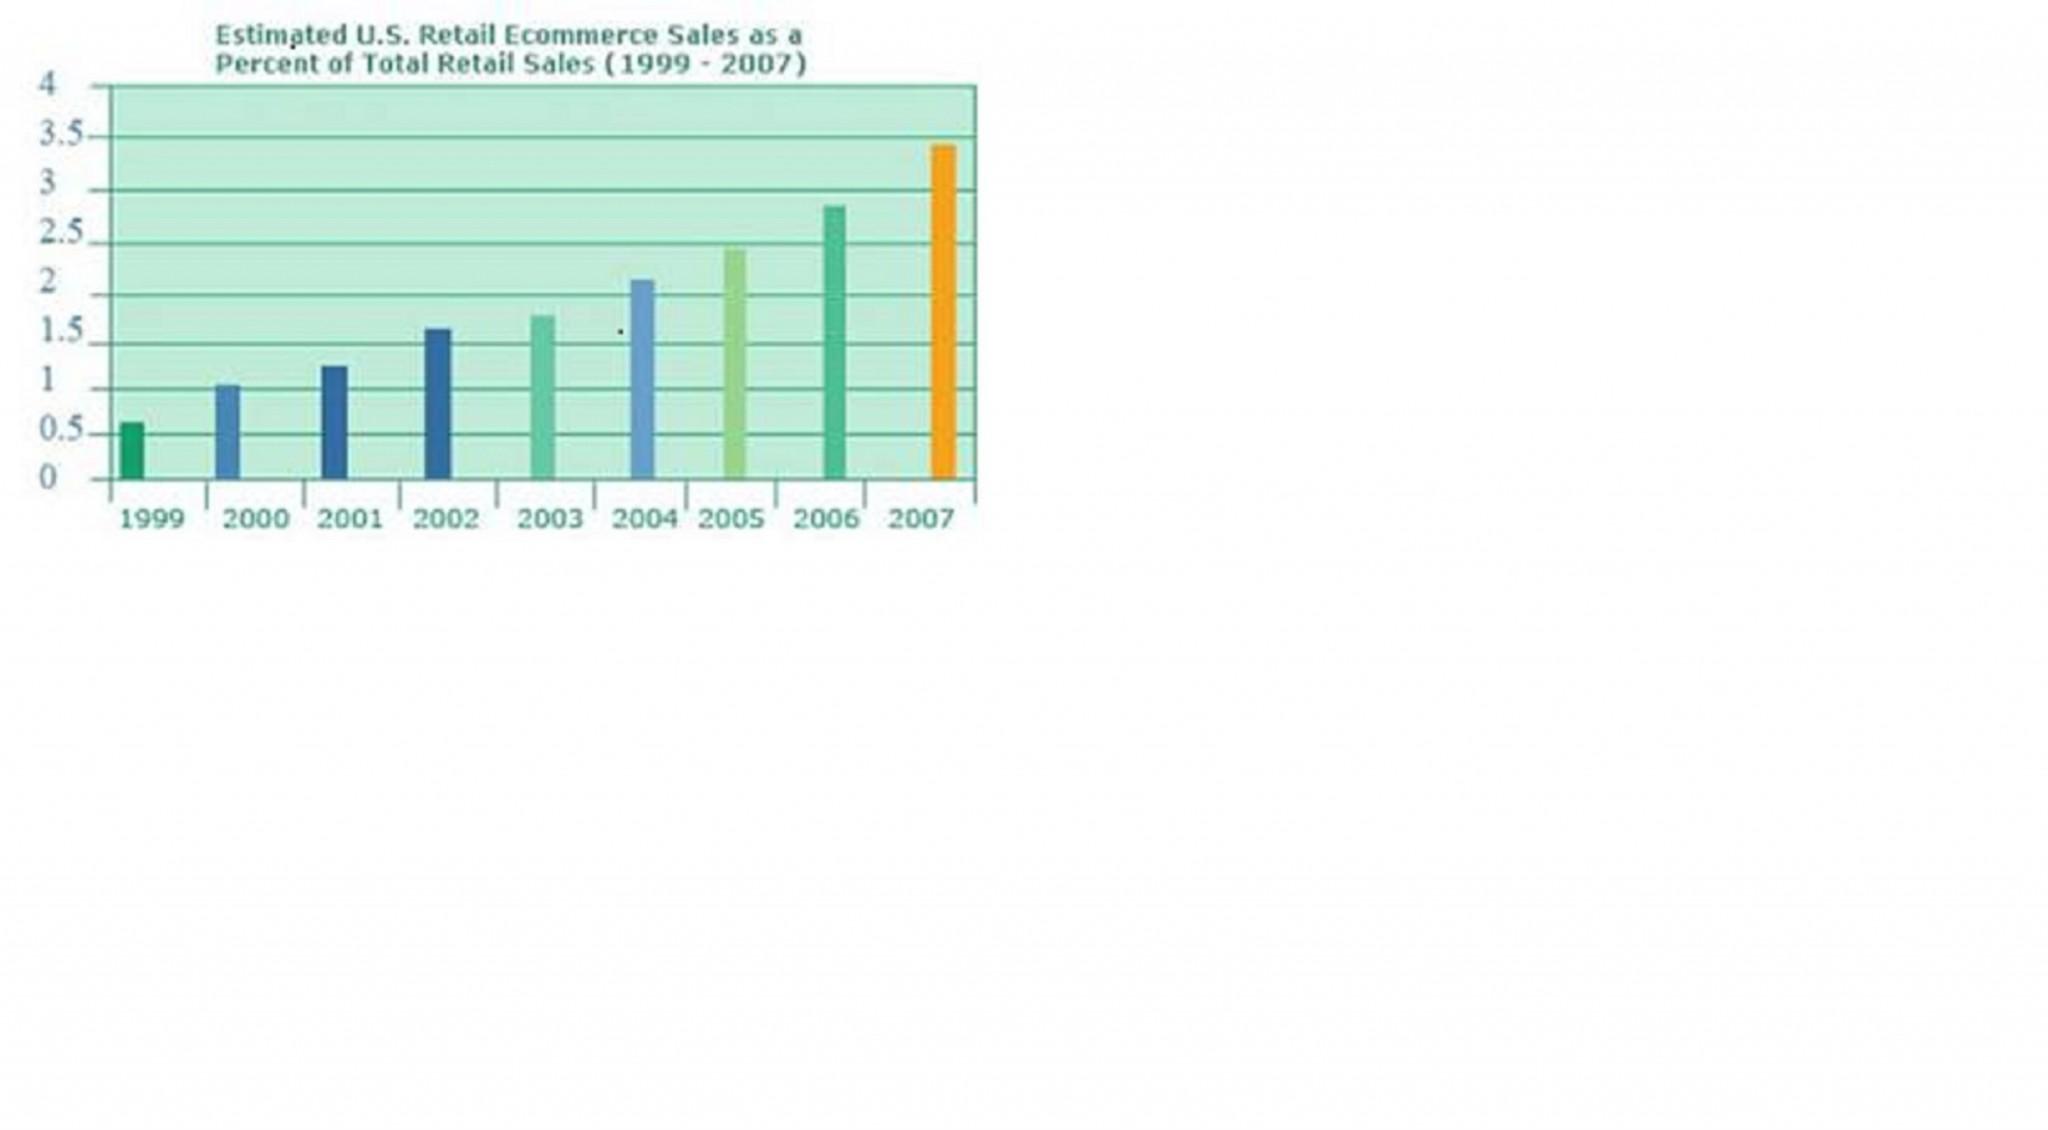 Estimated U.S. Retail E-commerce 199-2007